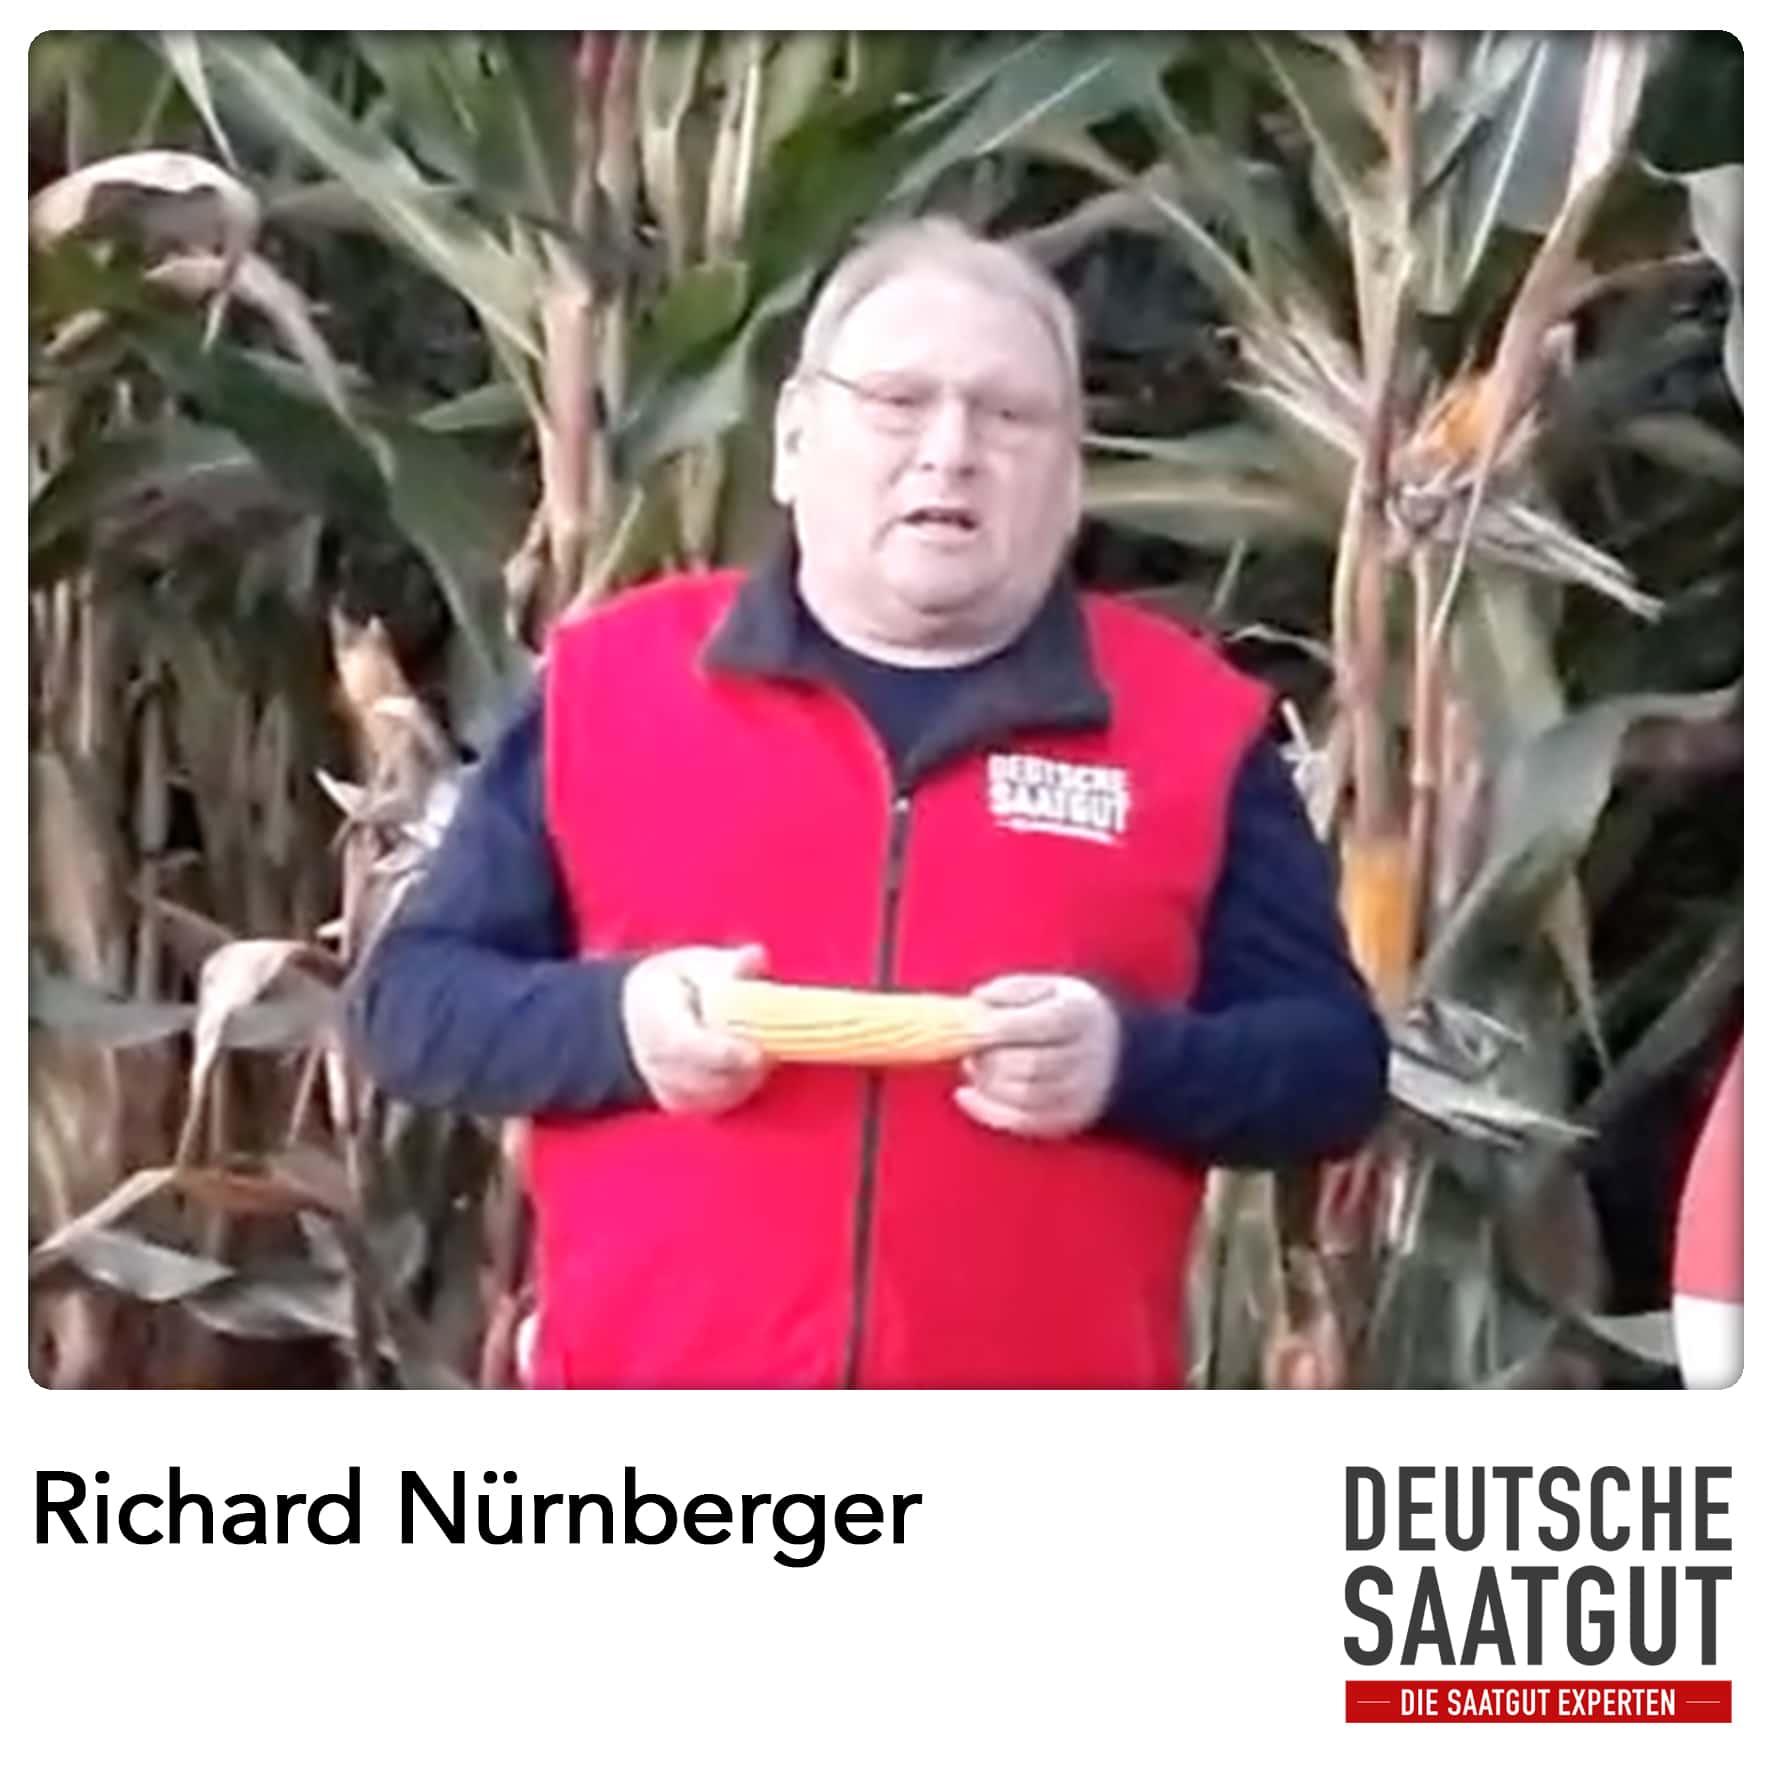 Richard Nürnberger bei der Mais-Sortendemo in Wieseth im LK Ansbach